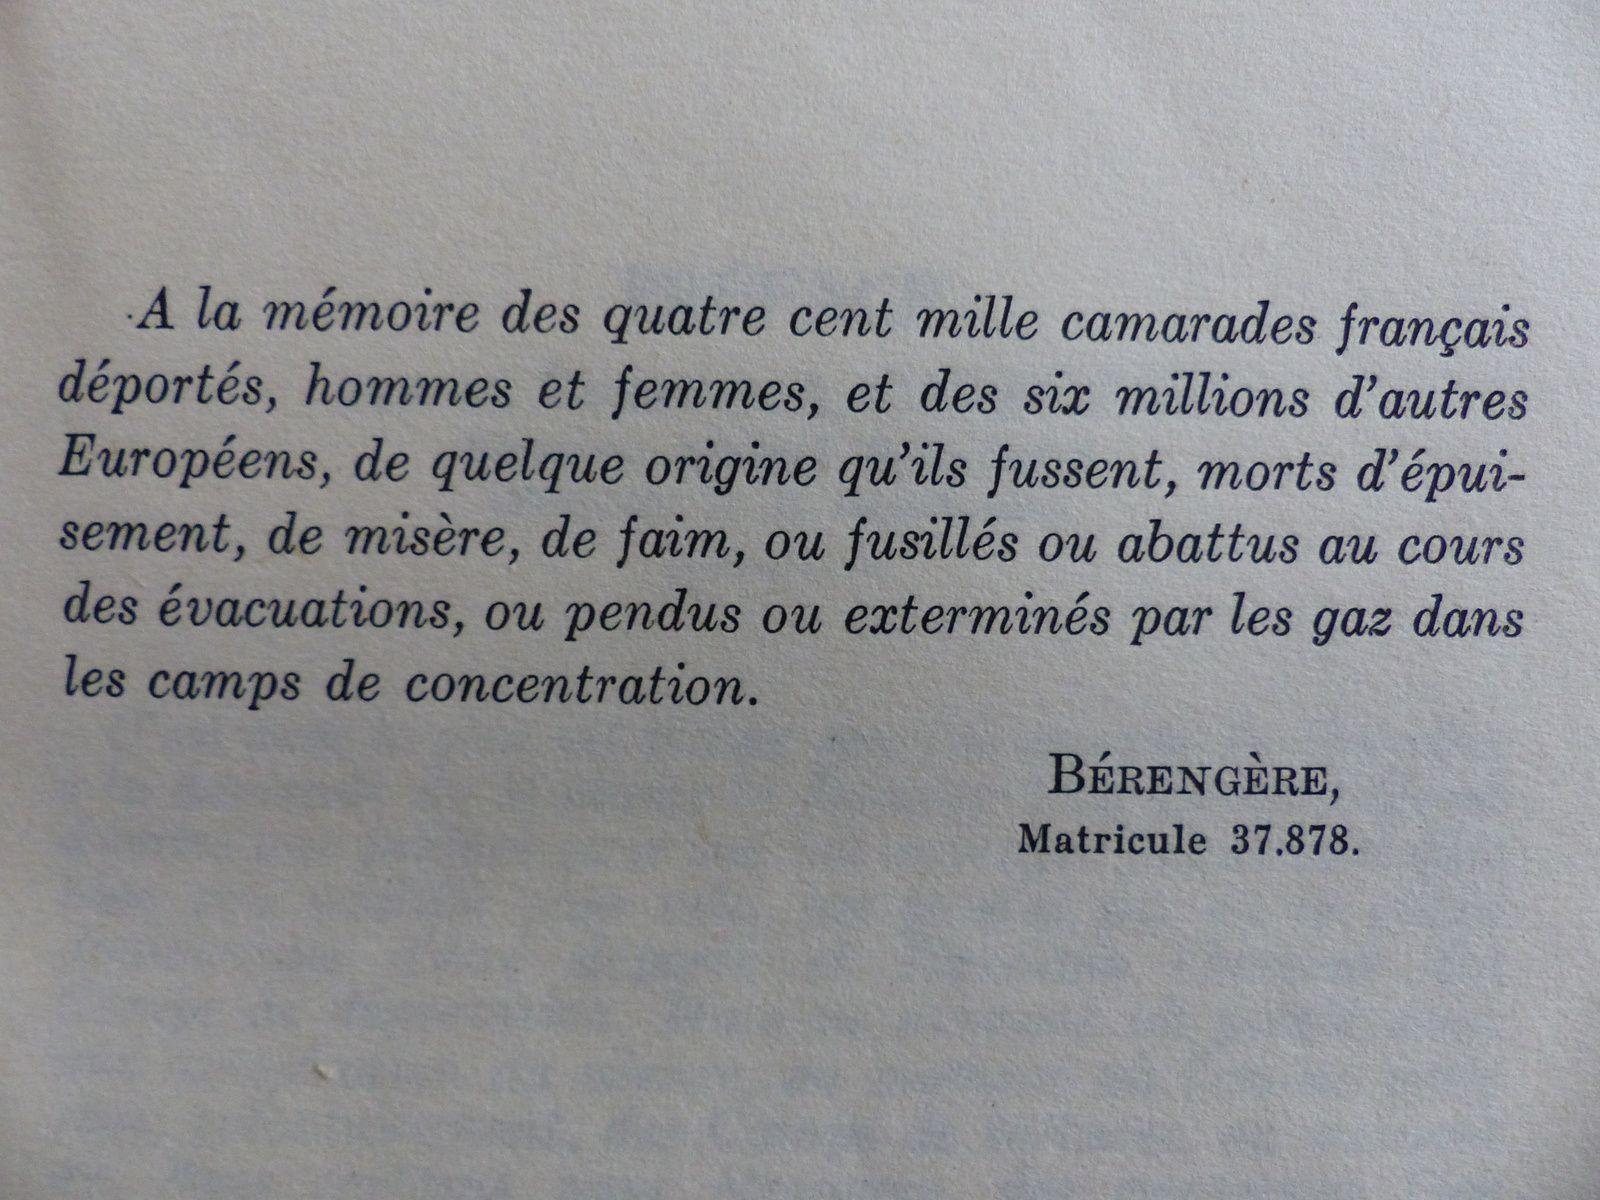 Grand mère de mes 2 filles ainées, résistante courageuse ,qui vécut en déportation avec E.Tillon,G.De Gaulle,et une quarantaine d'autres femmes célèbres ou non, qui toutes survécurent grâce à elle ,; médecin de l'impossible et  qui écrivit cet ouvrage à compte d'auteur, pour témoigner(dont ici les premières pages )....Moi , je n'ai pas oublié, ni tes petites filles.JFVC.